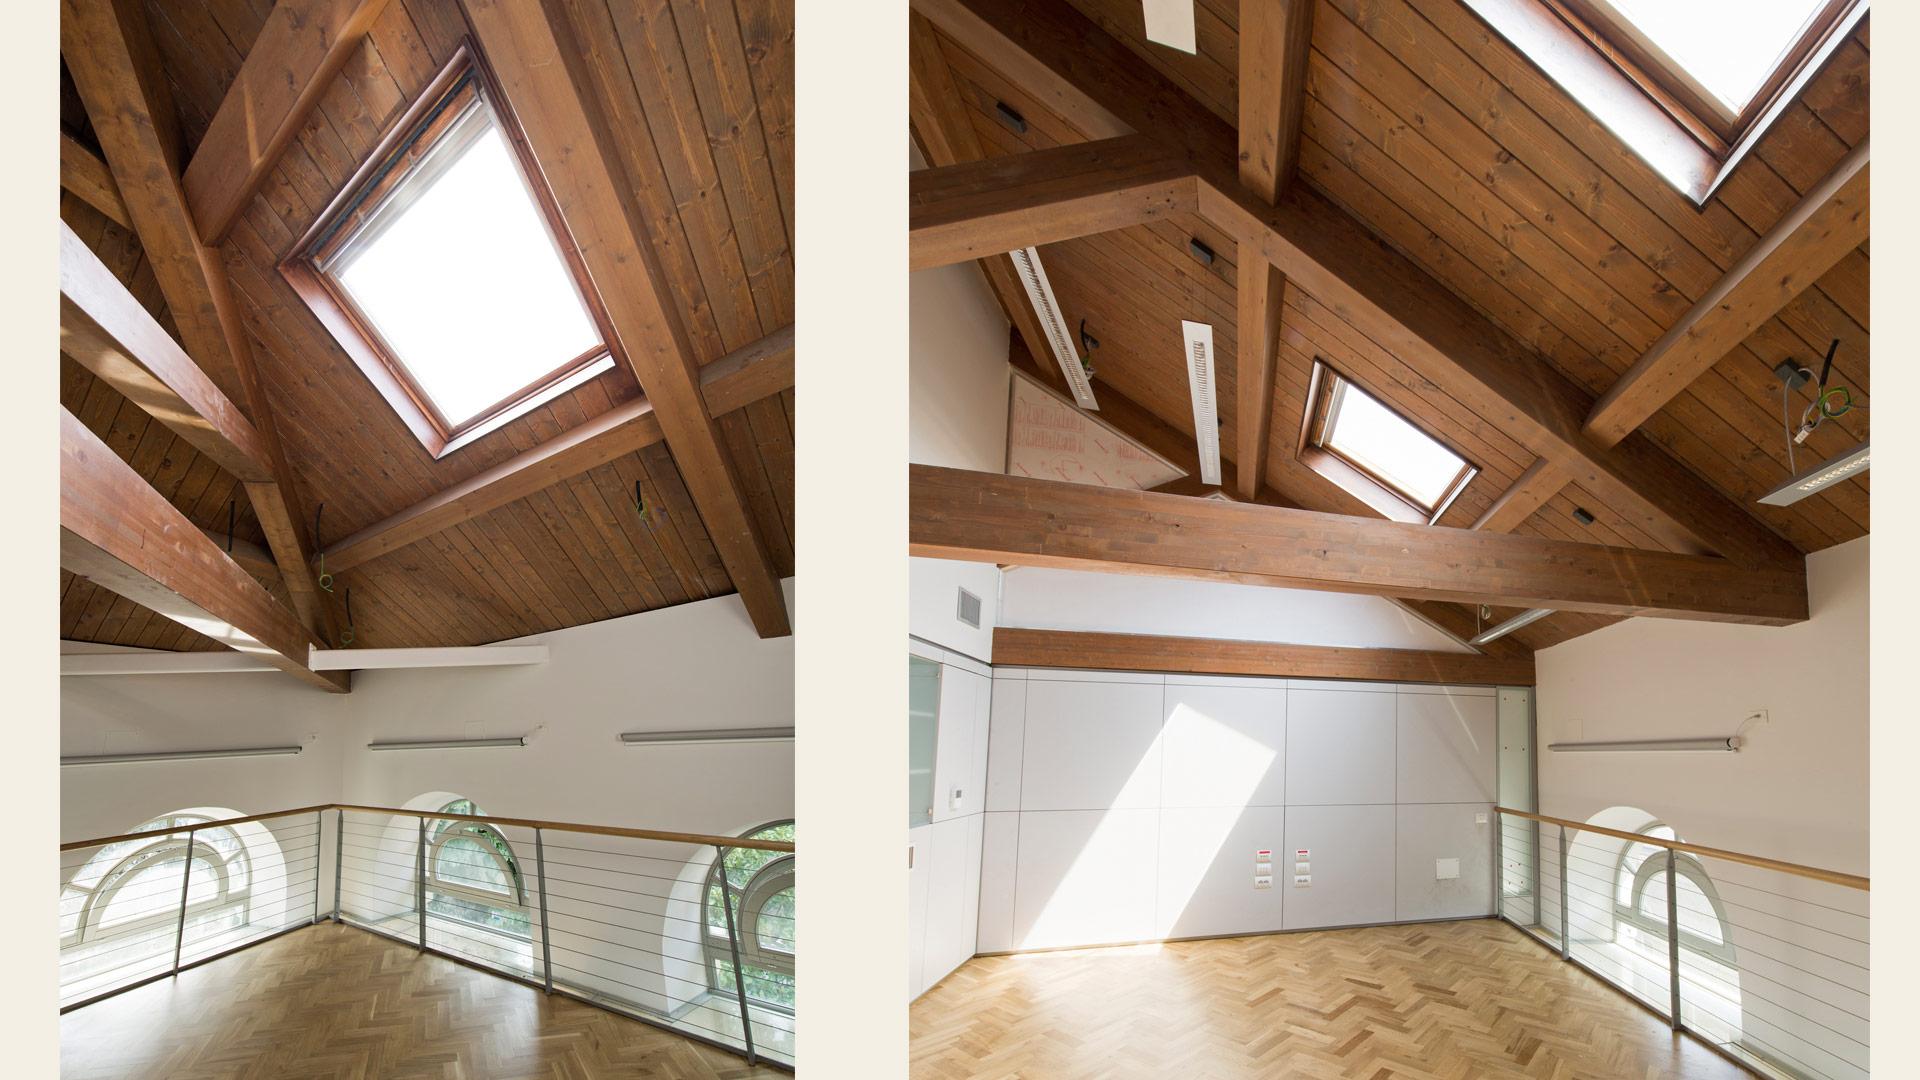 Tetto legno lamellare di abete per uffici politecnico milano - Tetto in legno interno ...